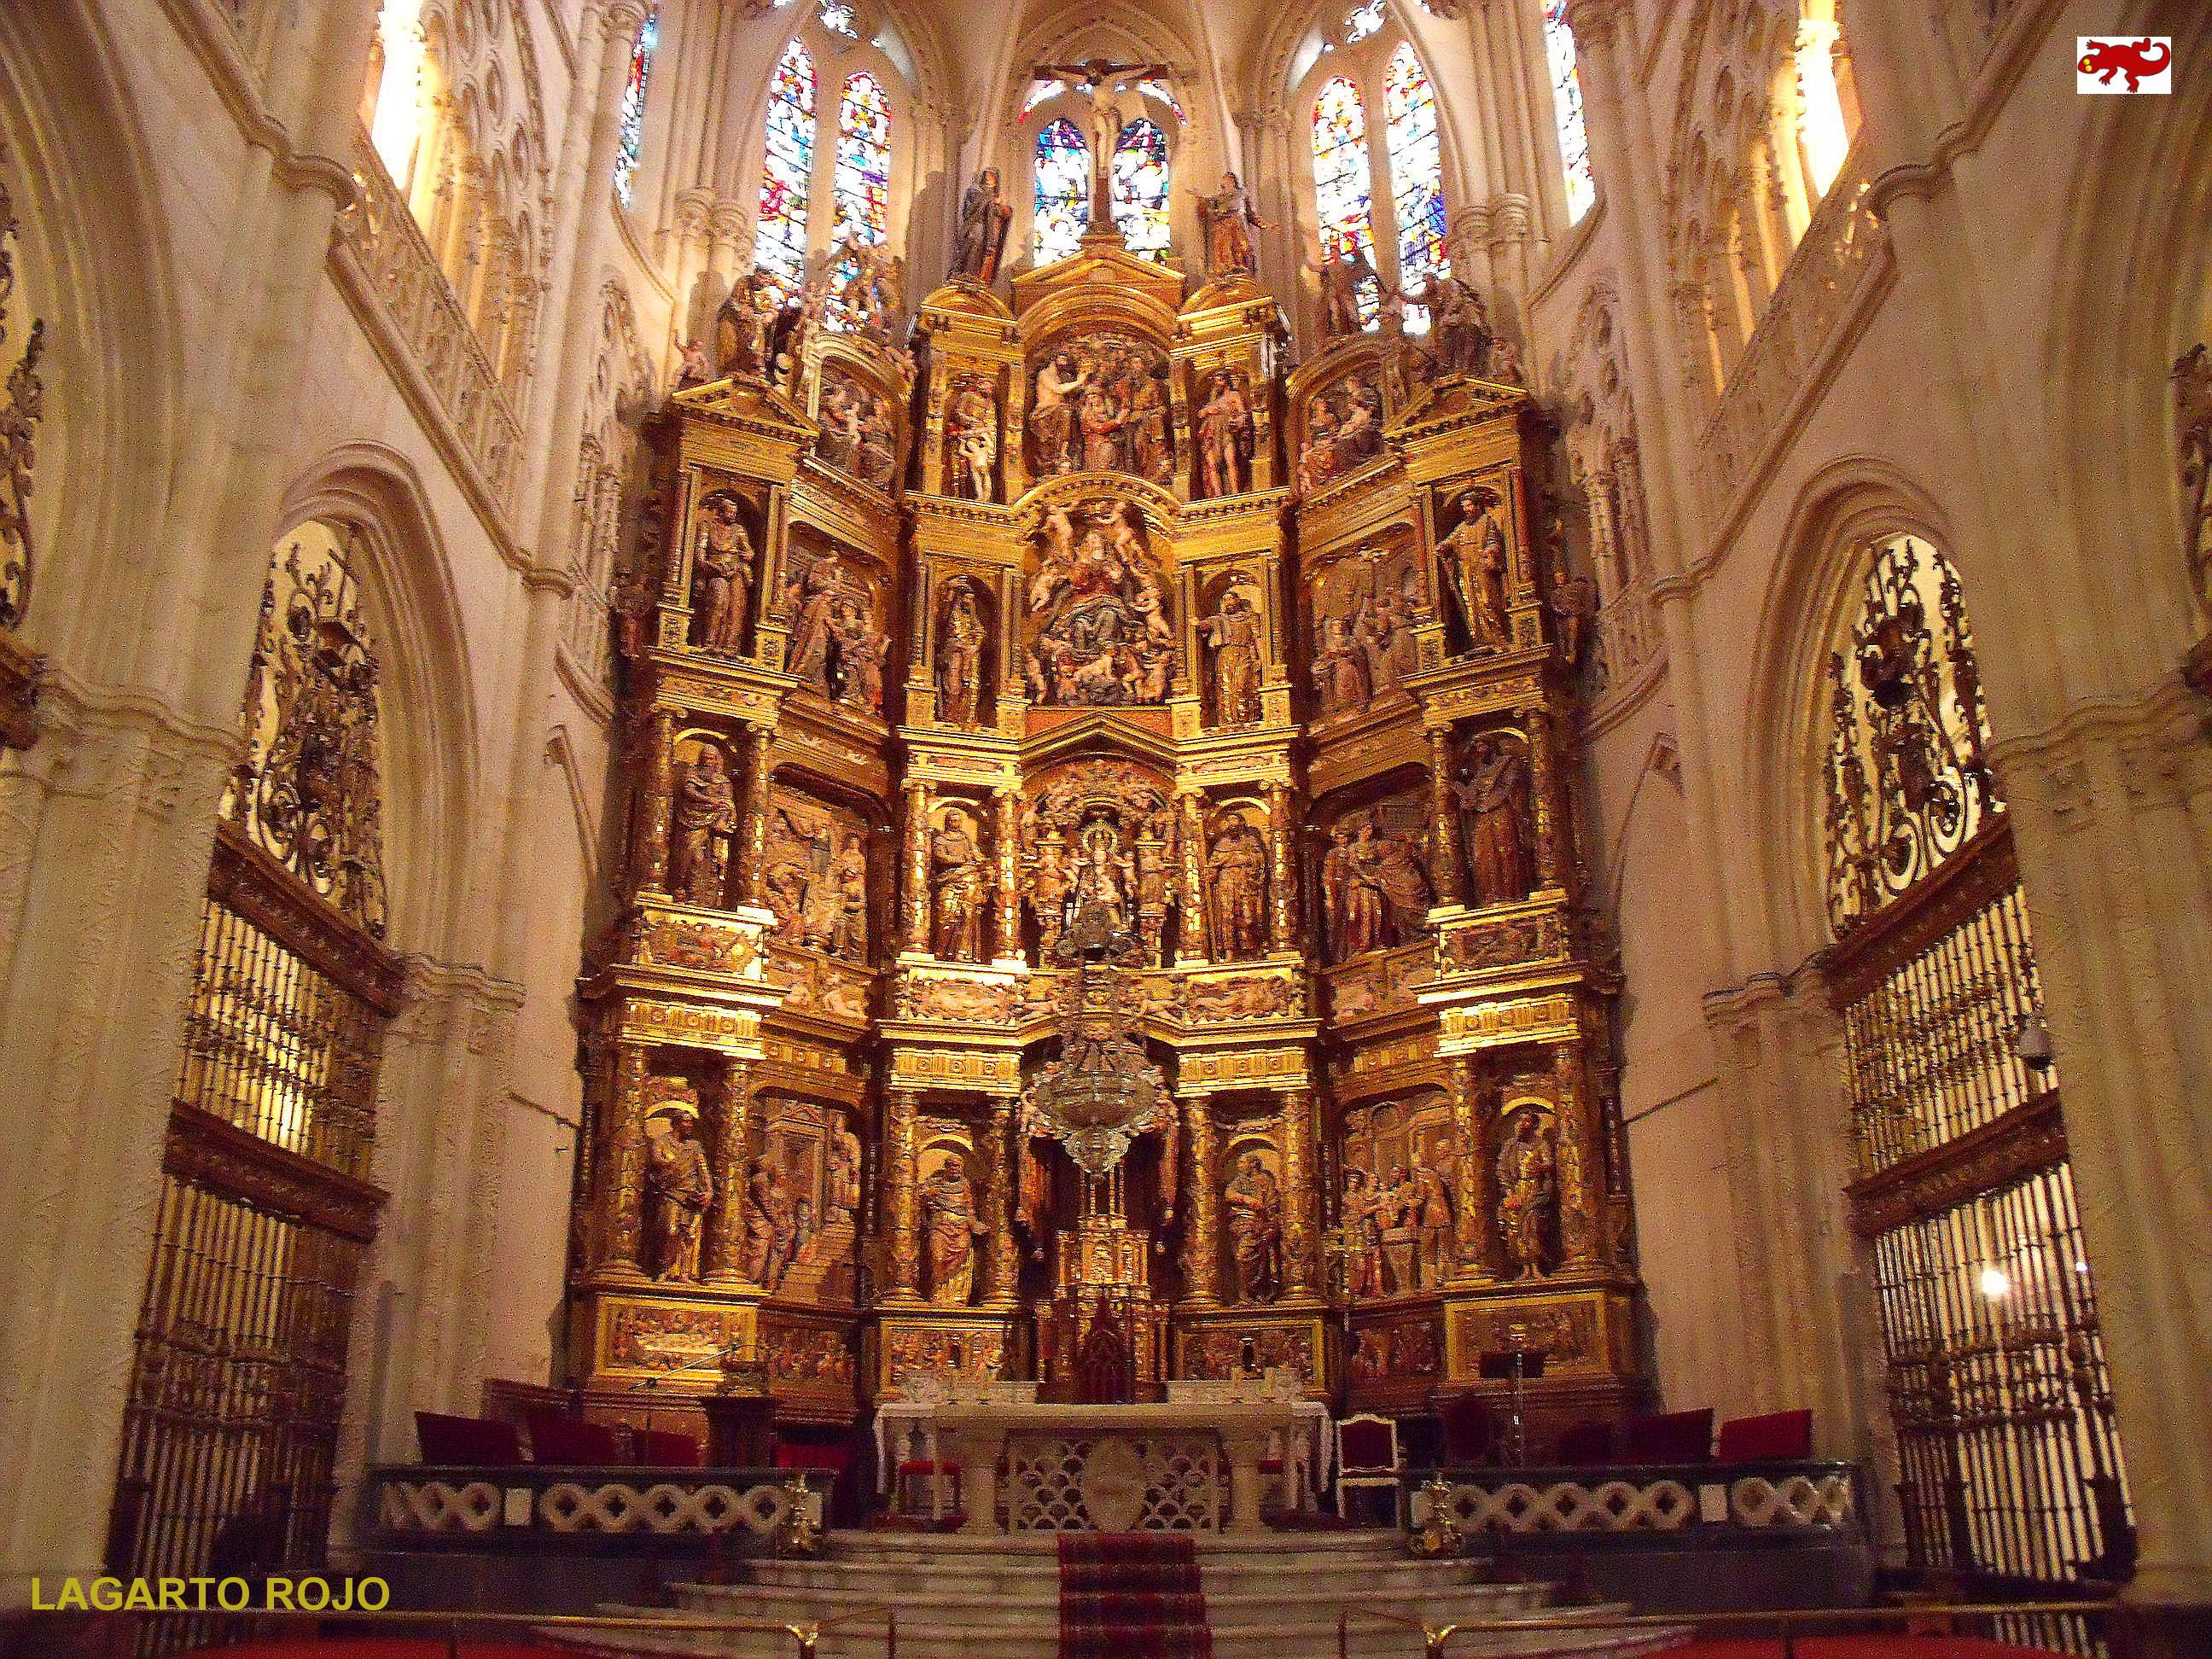 La catedral de burgos el drag n g tico lagarto rojo - Foto foto interior ...